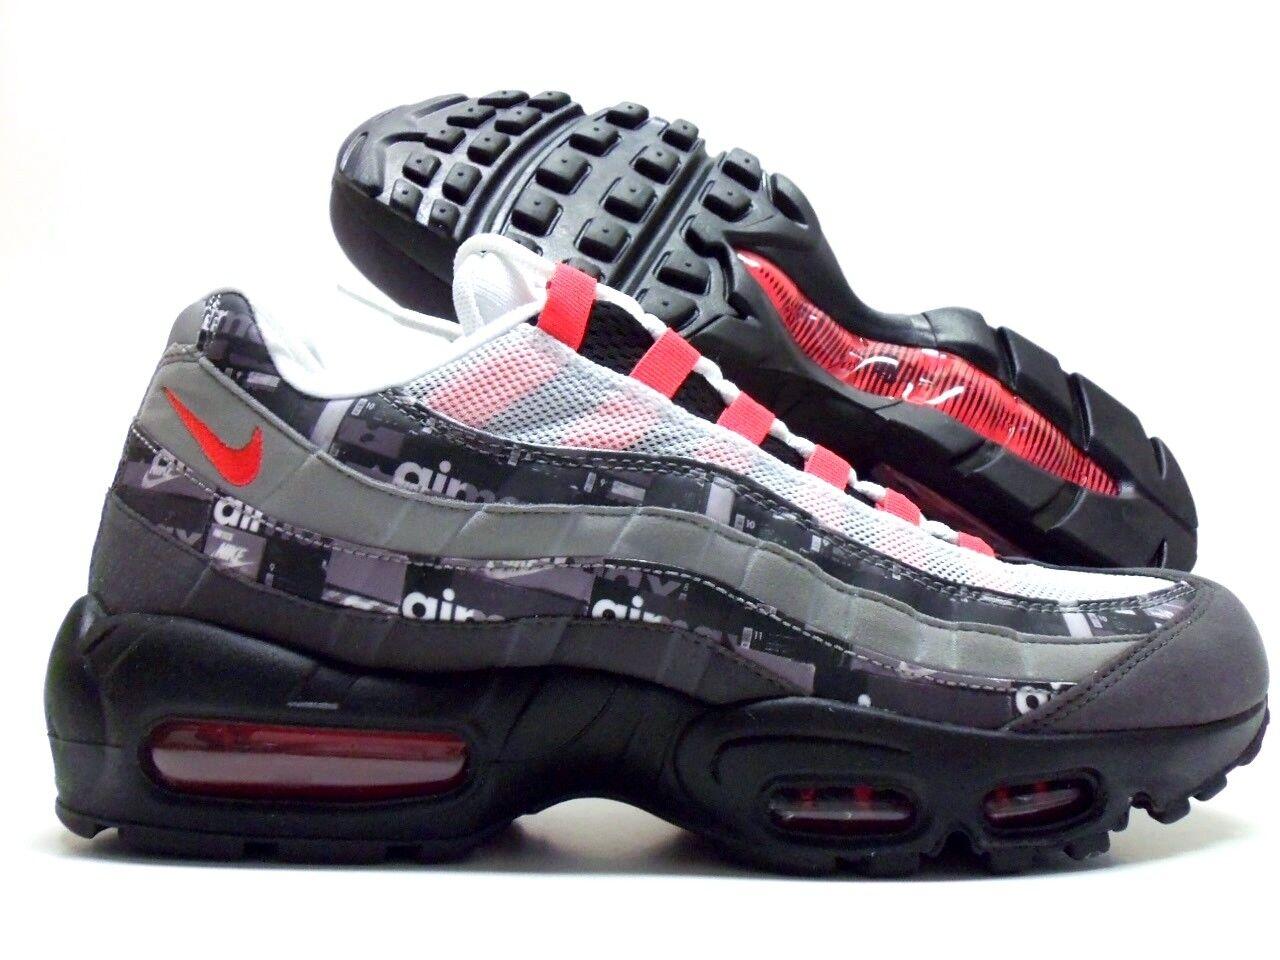 Nike air max 95 prnt impronta nero nero nero / raggiante dimensioni uomini 9,5 e76b66